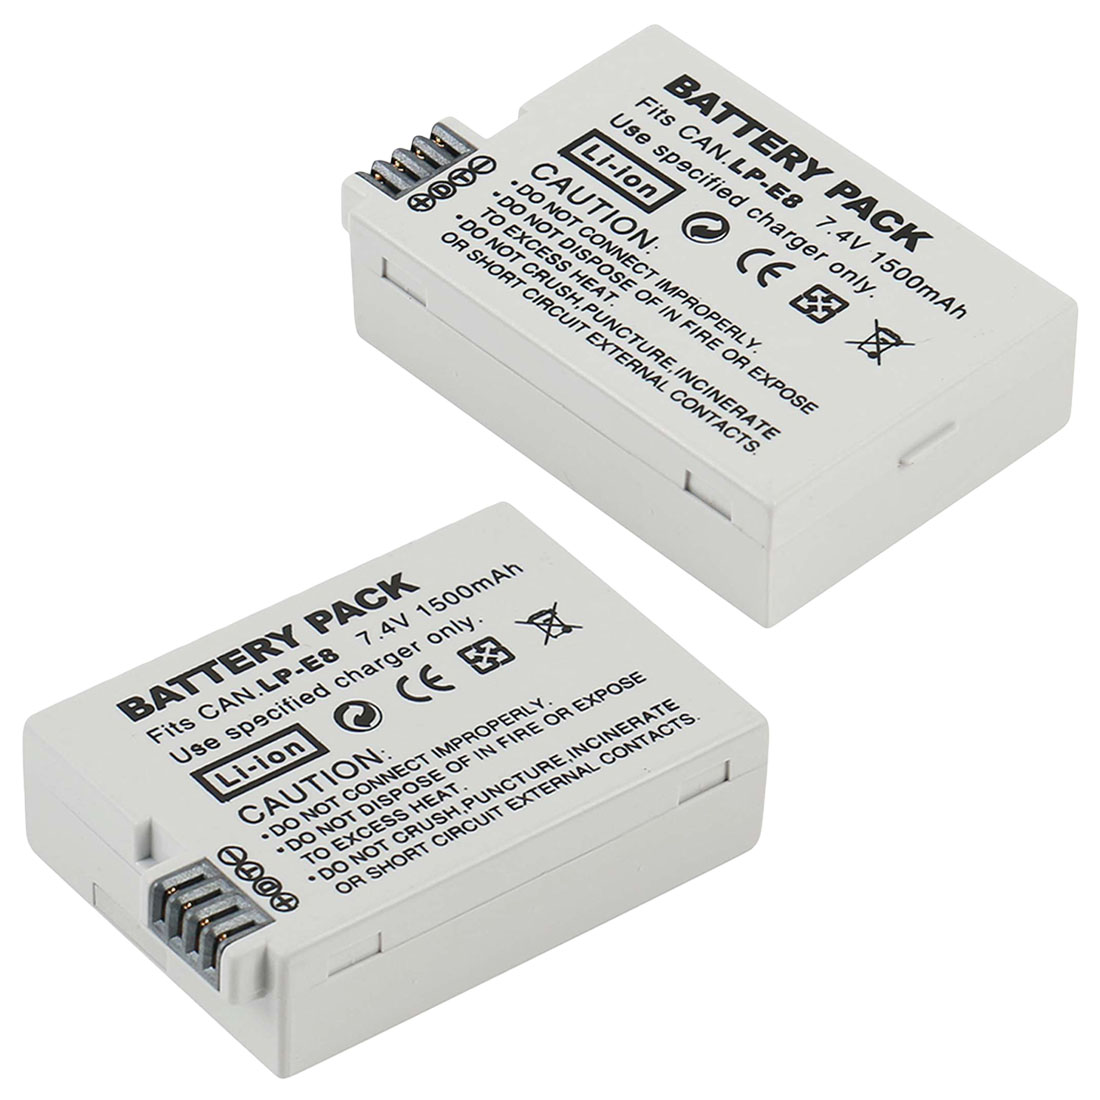 LP-E8 Battery Pack Bateria LP-E8 Lp E8 For Canon 550D 600D 650D 700D X4 X5 X6i X7i T2i T3i T4i T5i DSLR Camera 0.11 WhiteLP-E8 Battery Pack Bateria LP-E8 Lp E8 For Canon 550D 600D 650D 700D X4 X5 X6i X7i T2i T3i T4i T5i DSLR Camera 0.11 White